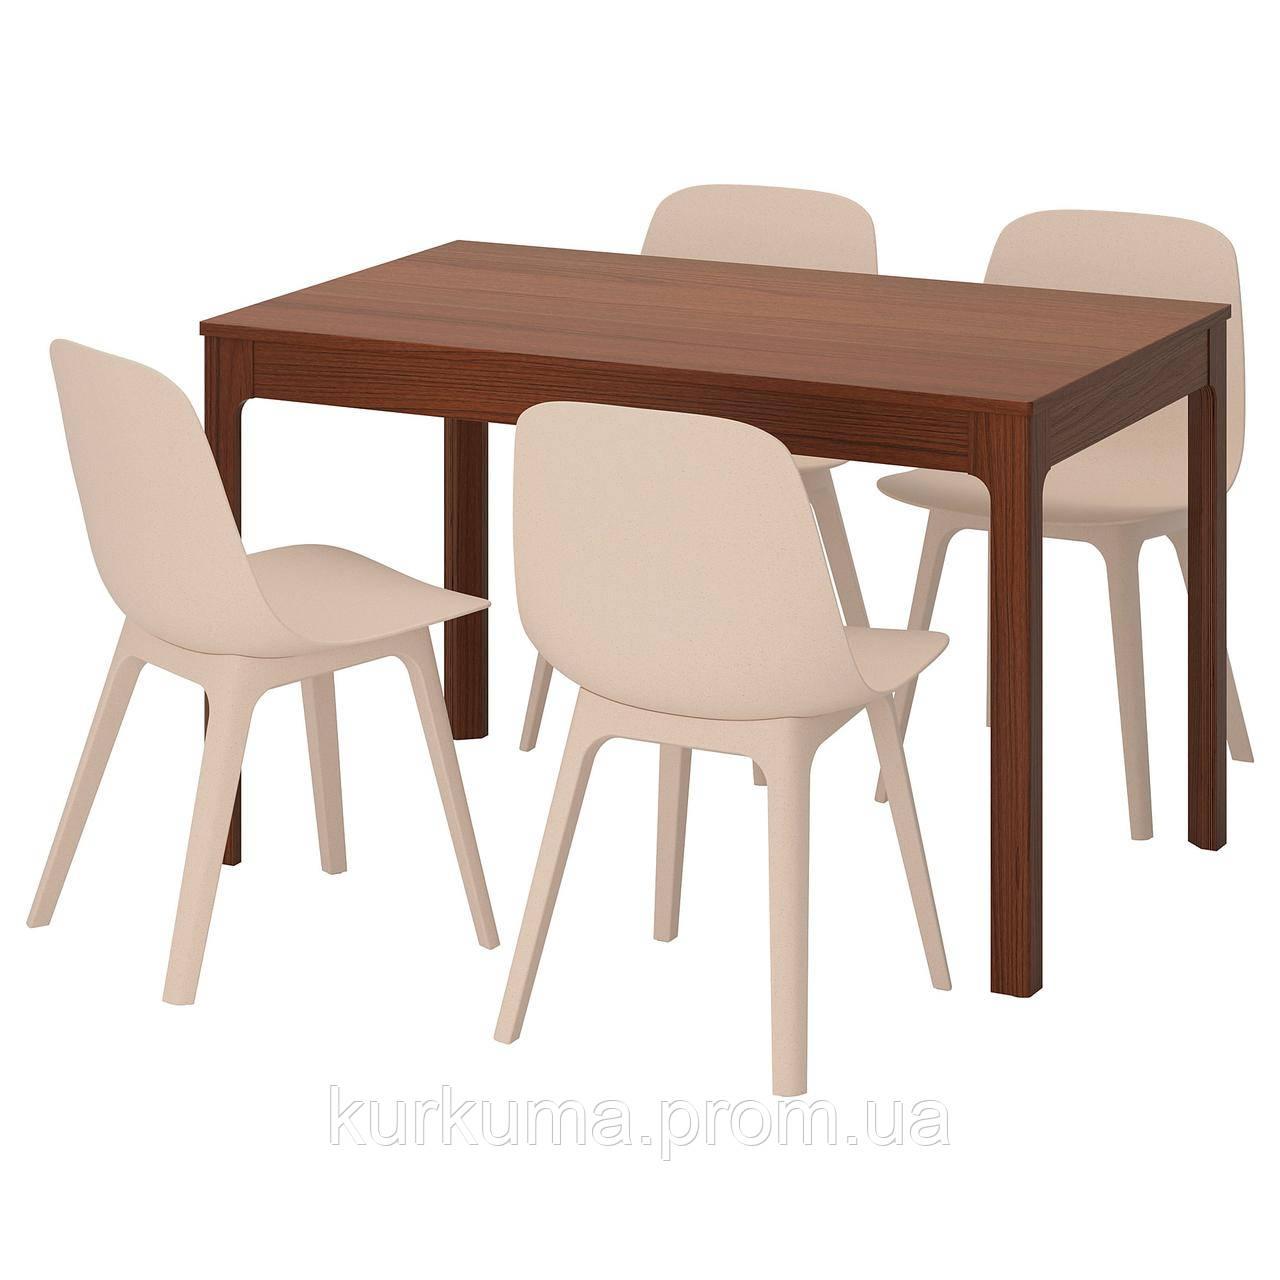 IKEA EKEDALEN/ODGER Стол и 4 стула, коричневый, белый бежевый  (692.214.38)